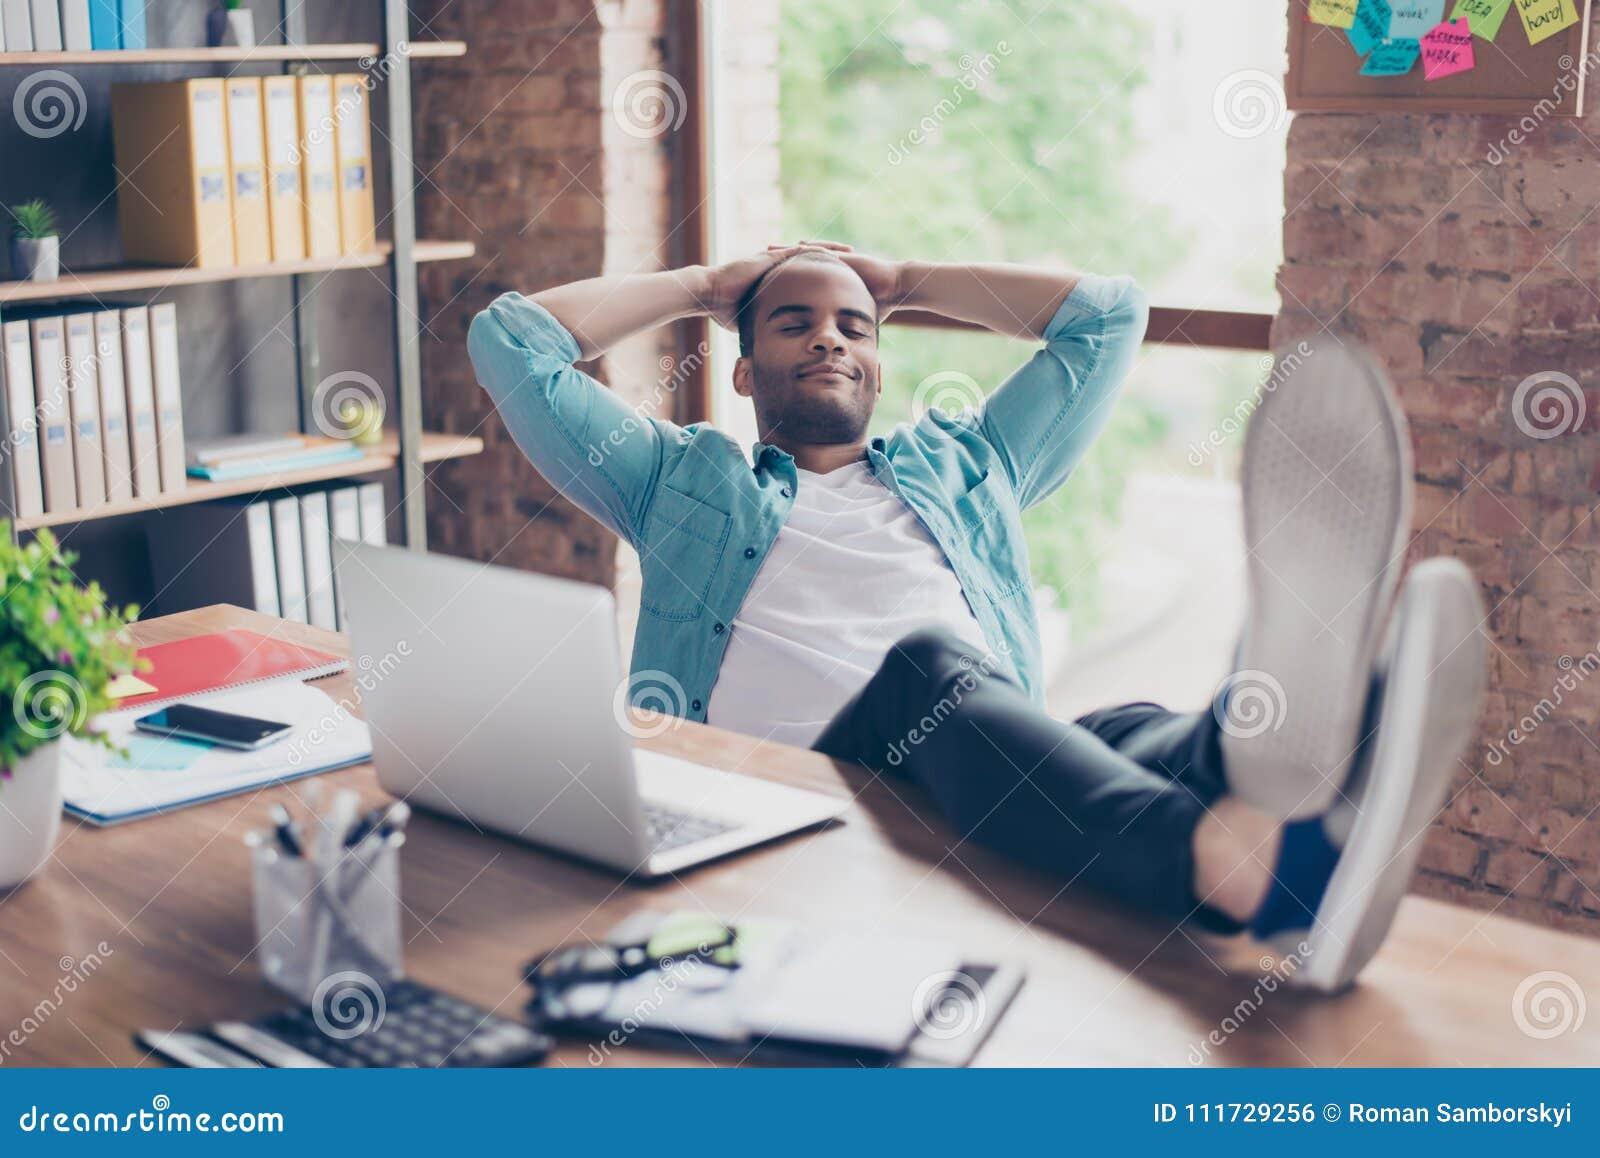 Der junge nette Afrofreiberufler steht an einem Arbeitsplatz, mit Füßen auf den Schreibtisch, mit geschlossenen Augen still und l